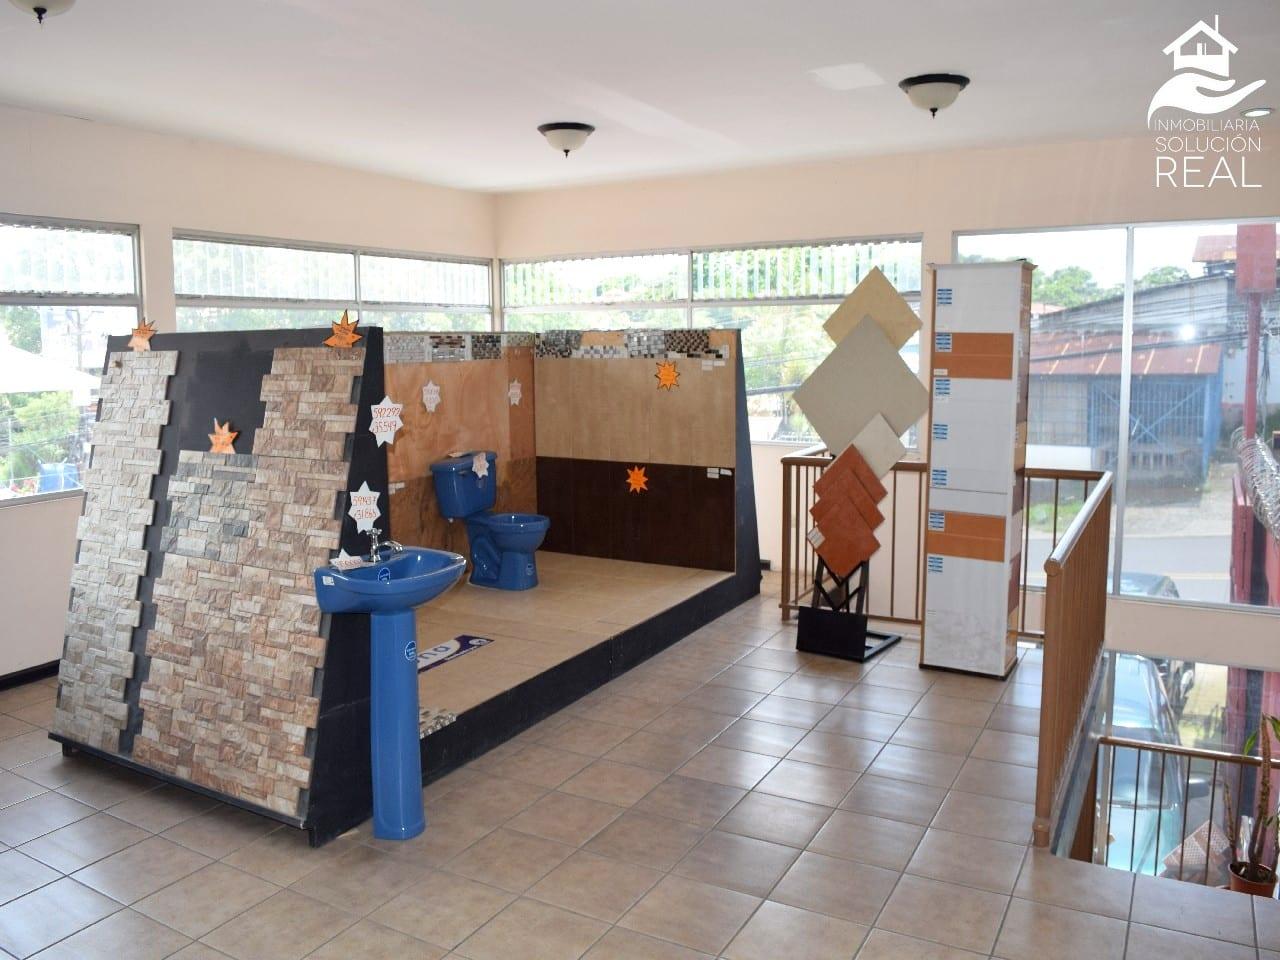 Venta Deposito Materiales y Ferreteria en Santo Domingo de Heredia